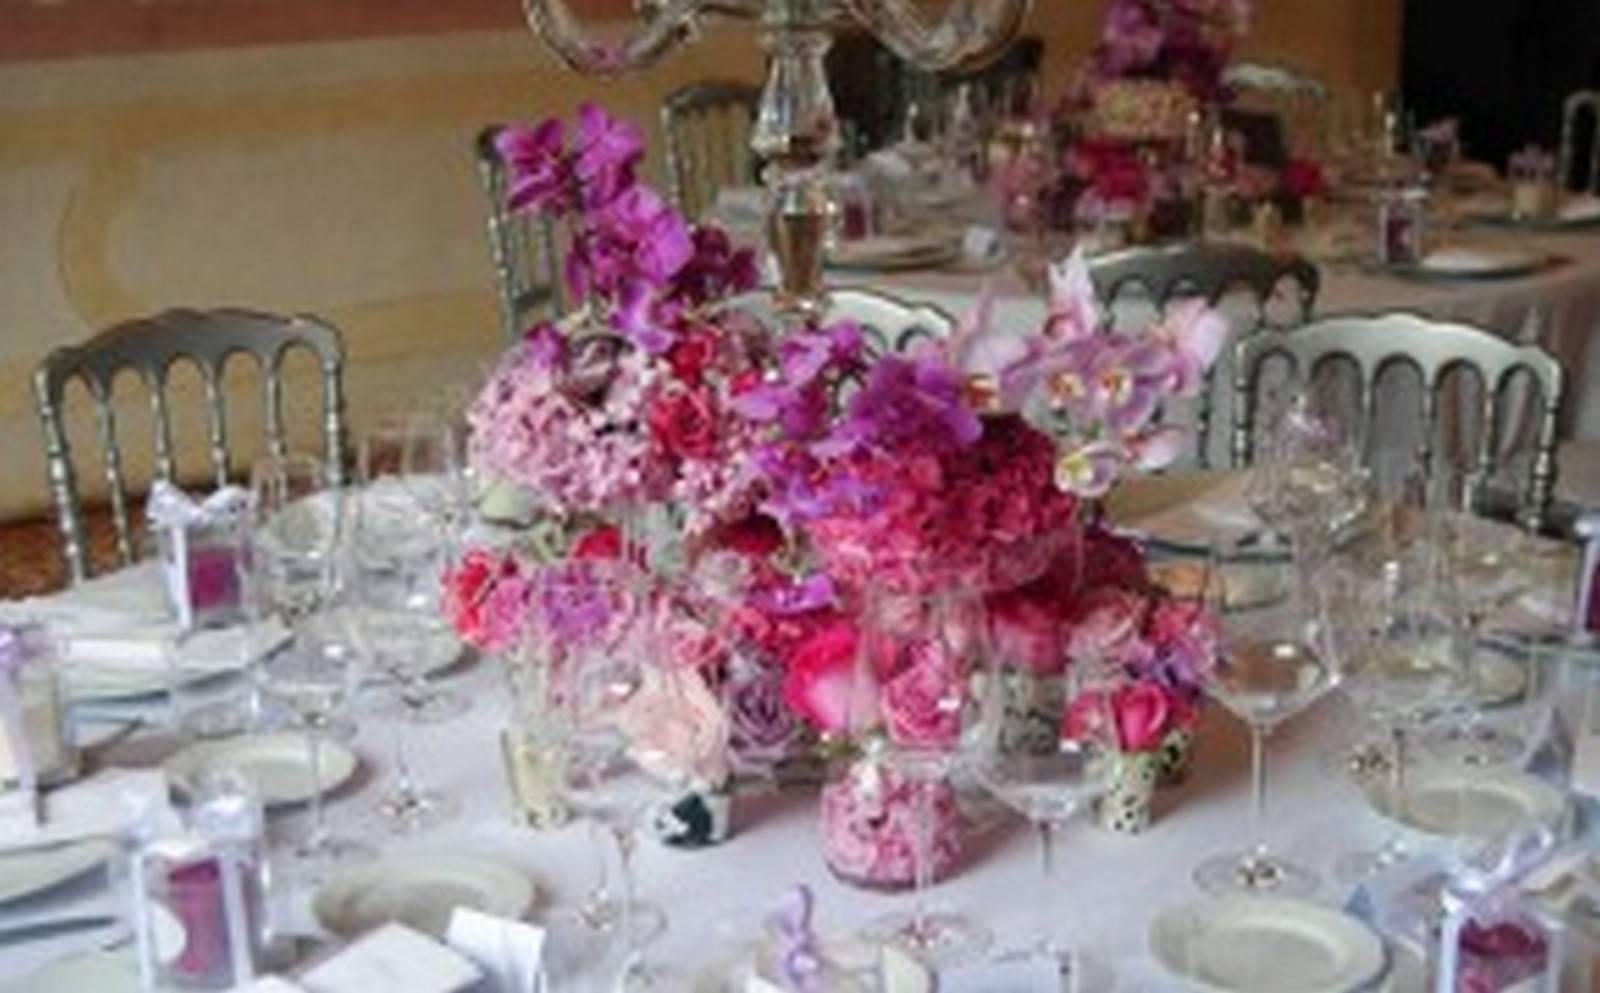 dettaglio centro tavola matrimonio con fiori fucsia